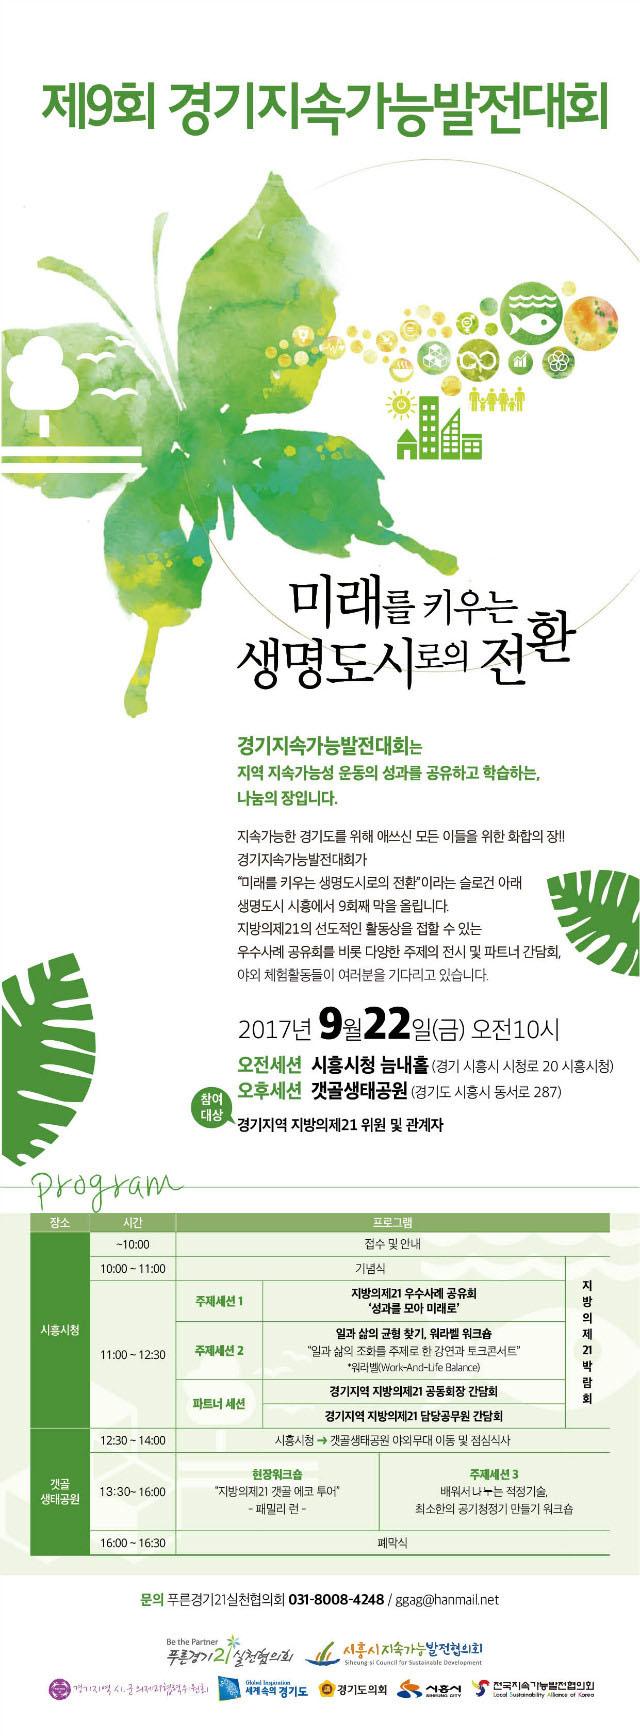 제9회_경기지속가능대회 _웹자보.jpg